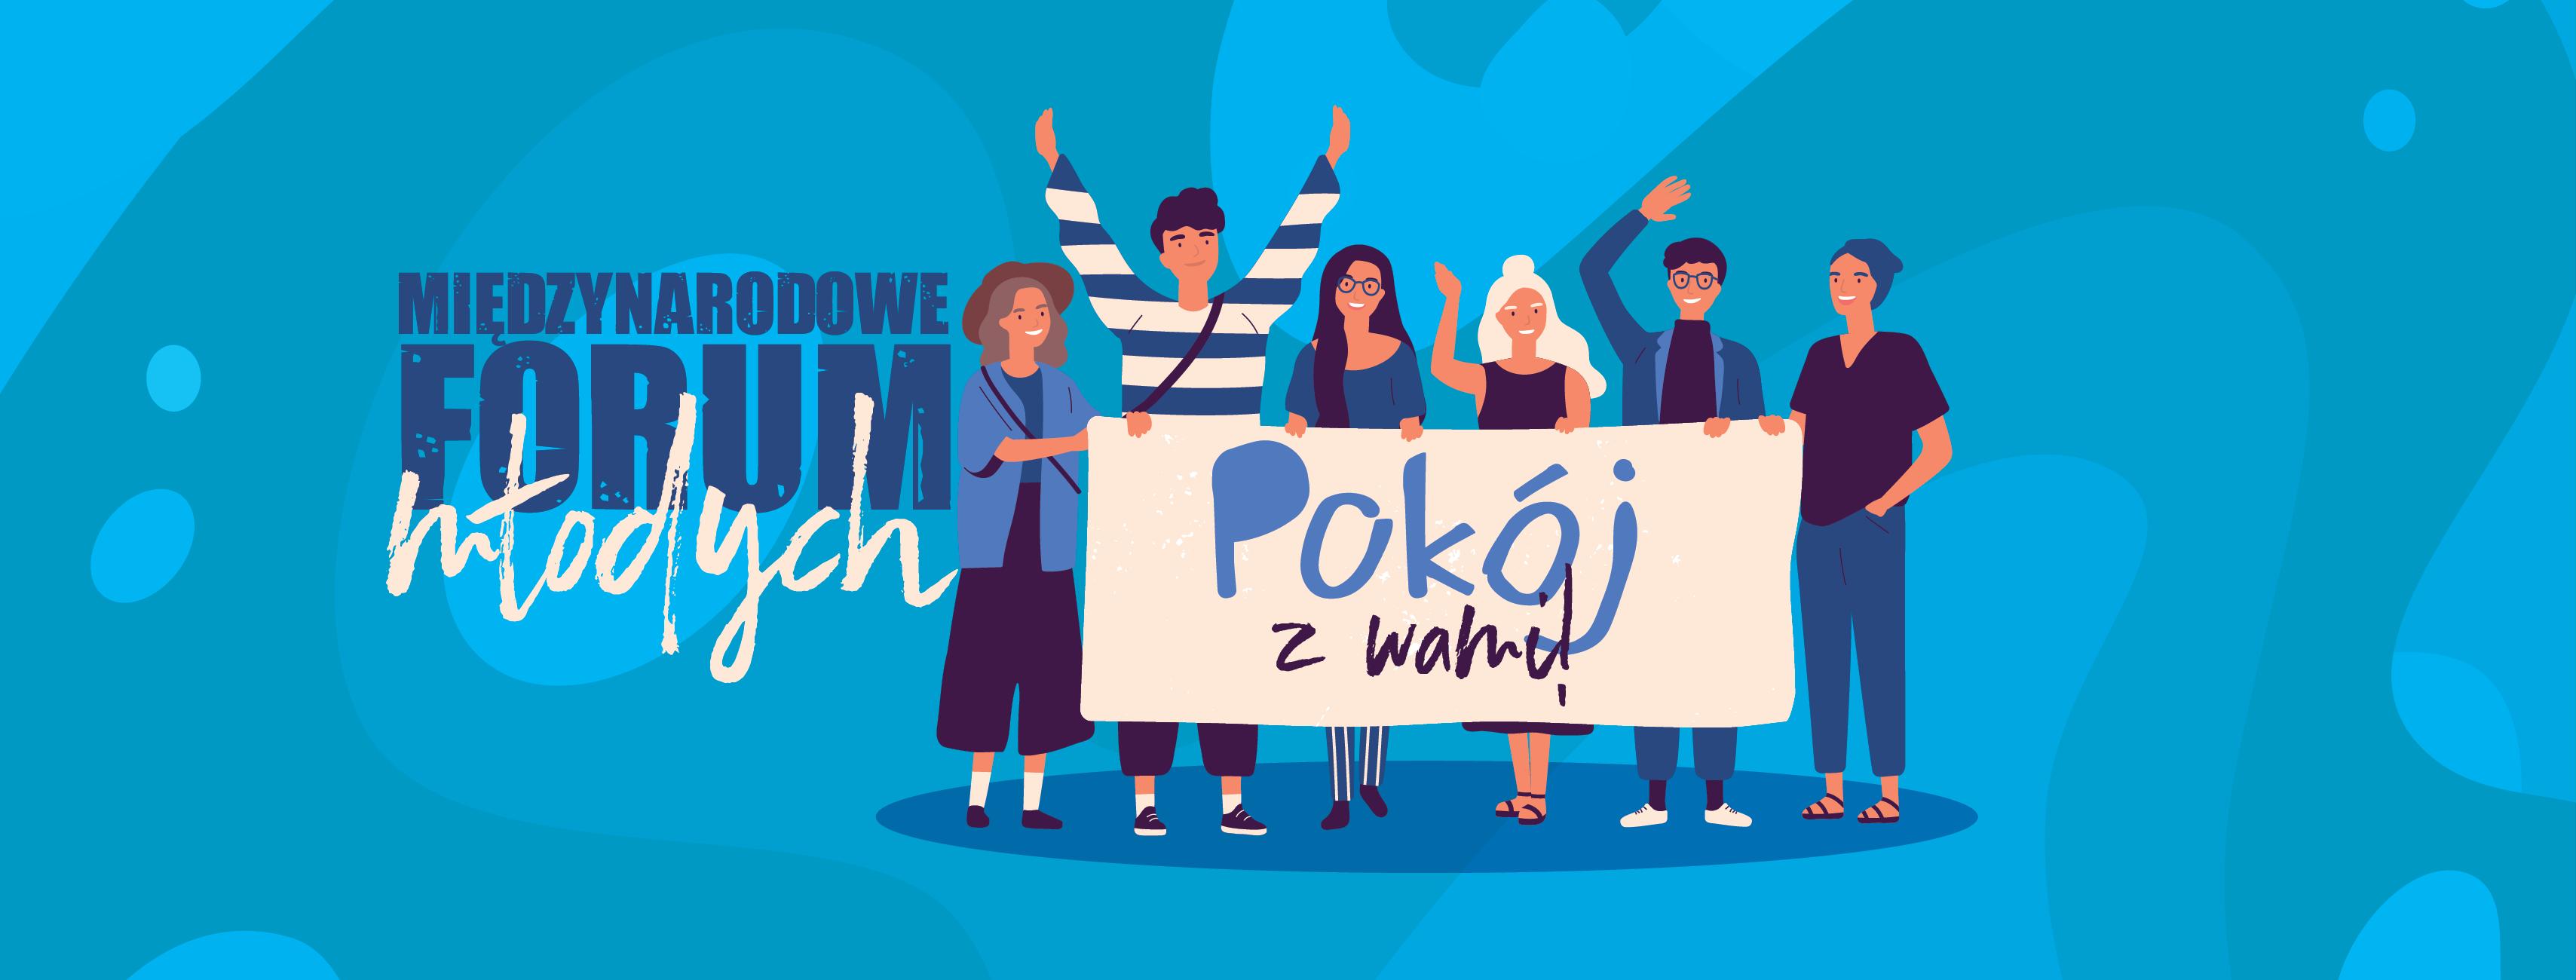 Forum Młodych 2019